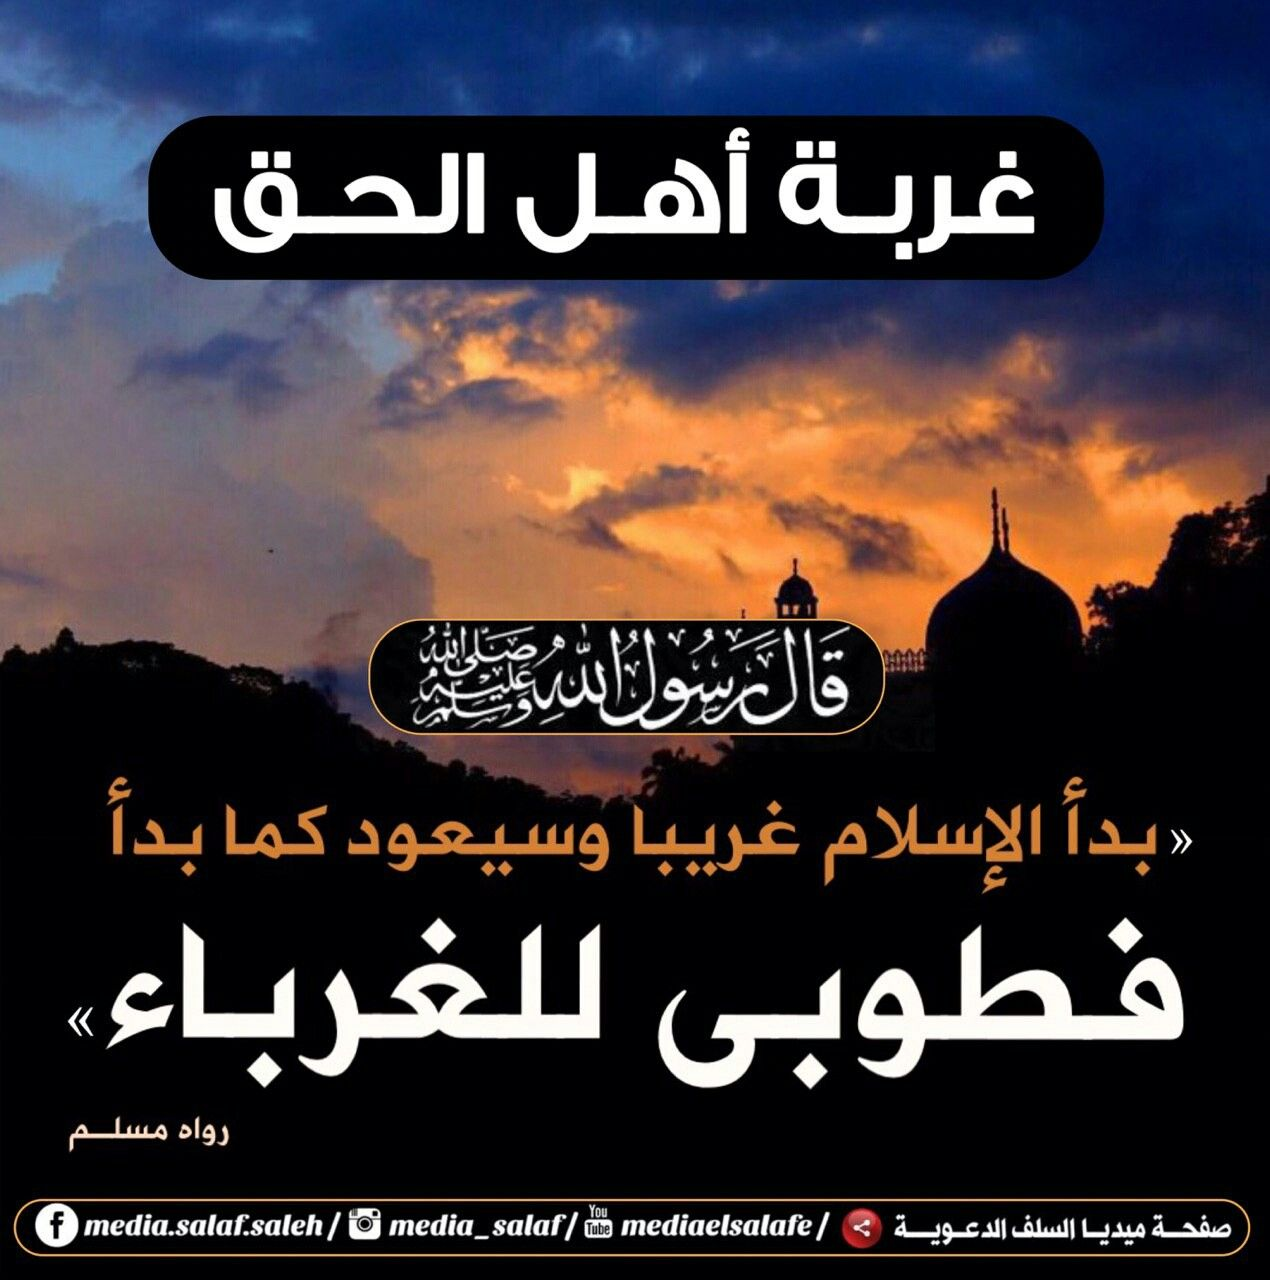 Pin By Rozhgar Nadhif On الأحاديث النبوية Ahadith Islam Quran Arabic